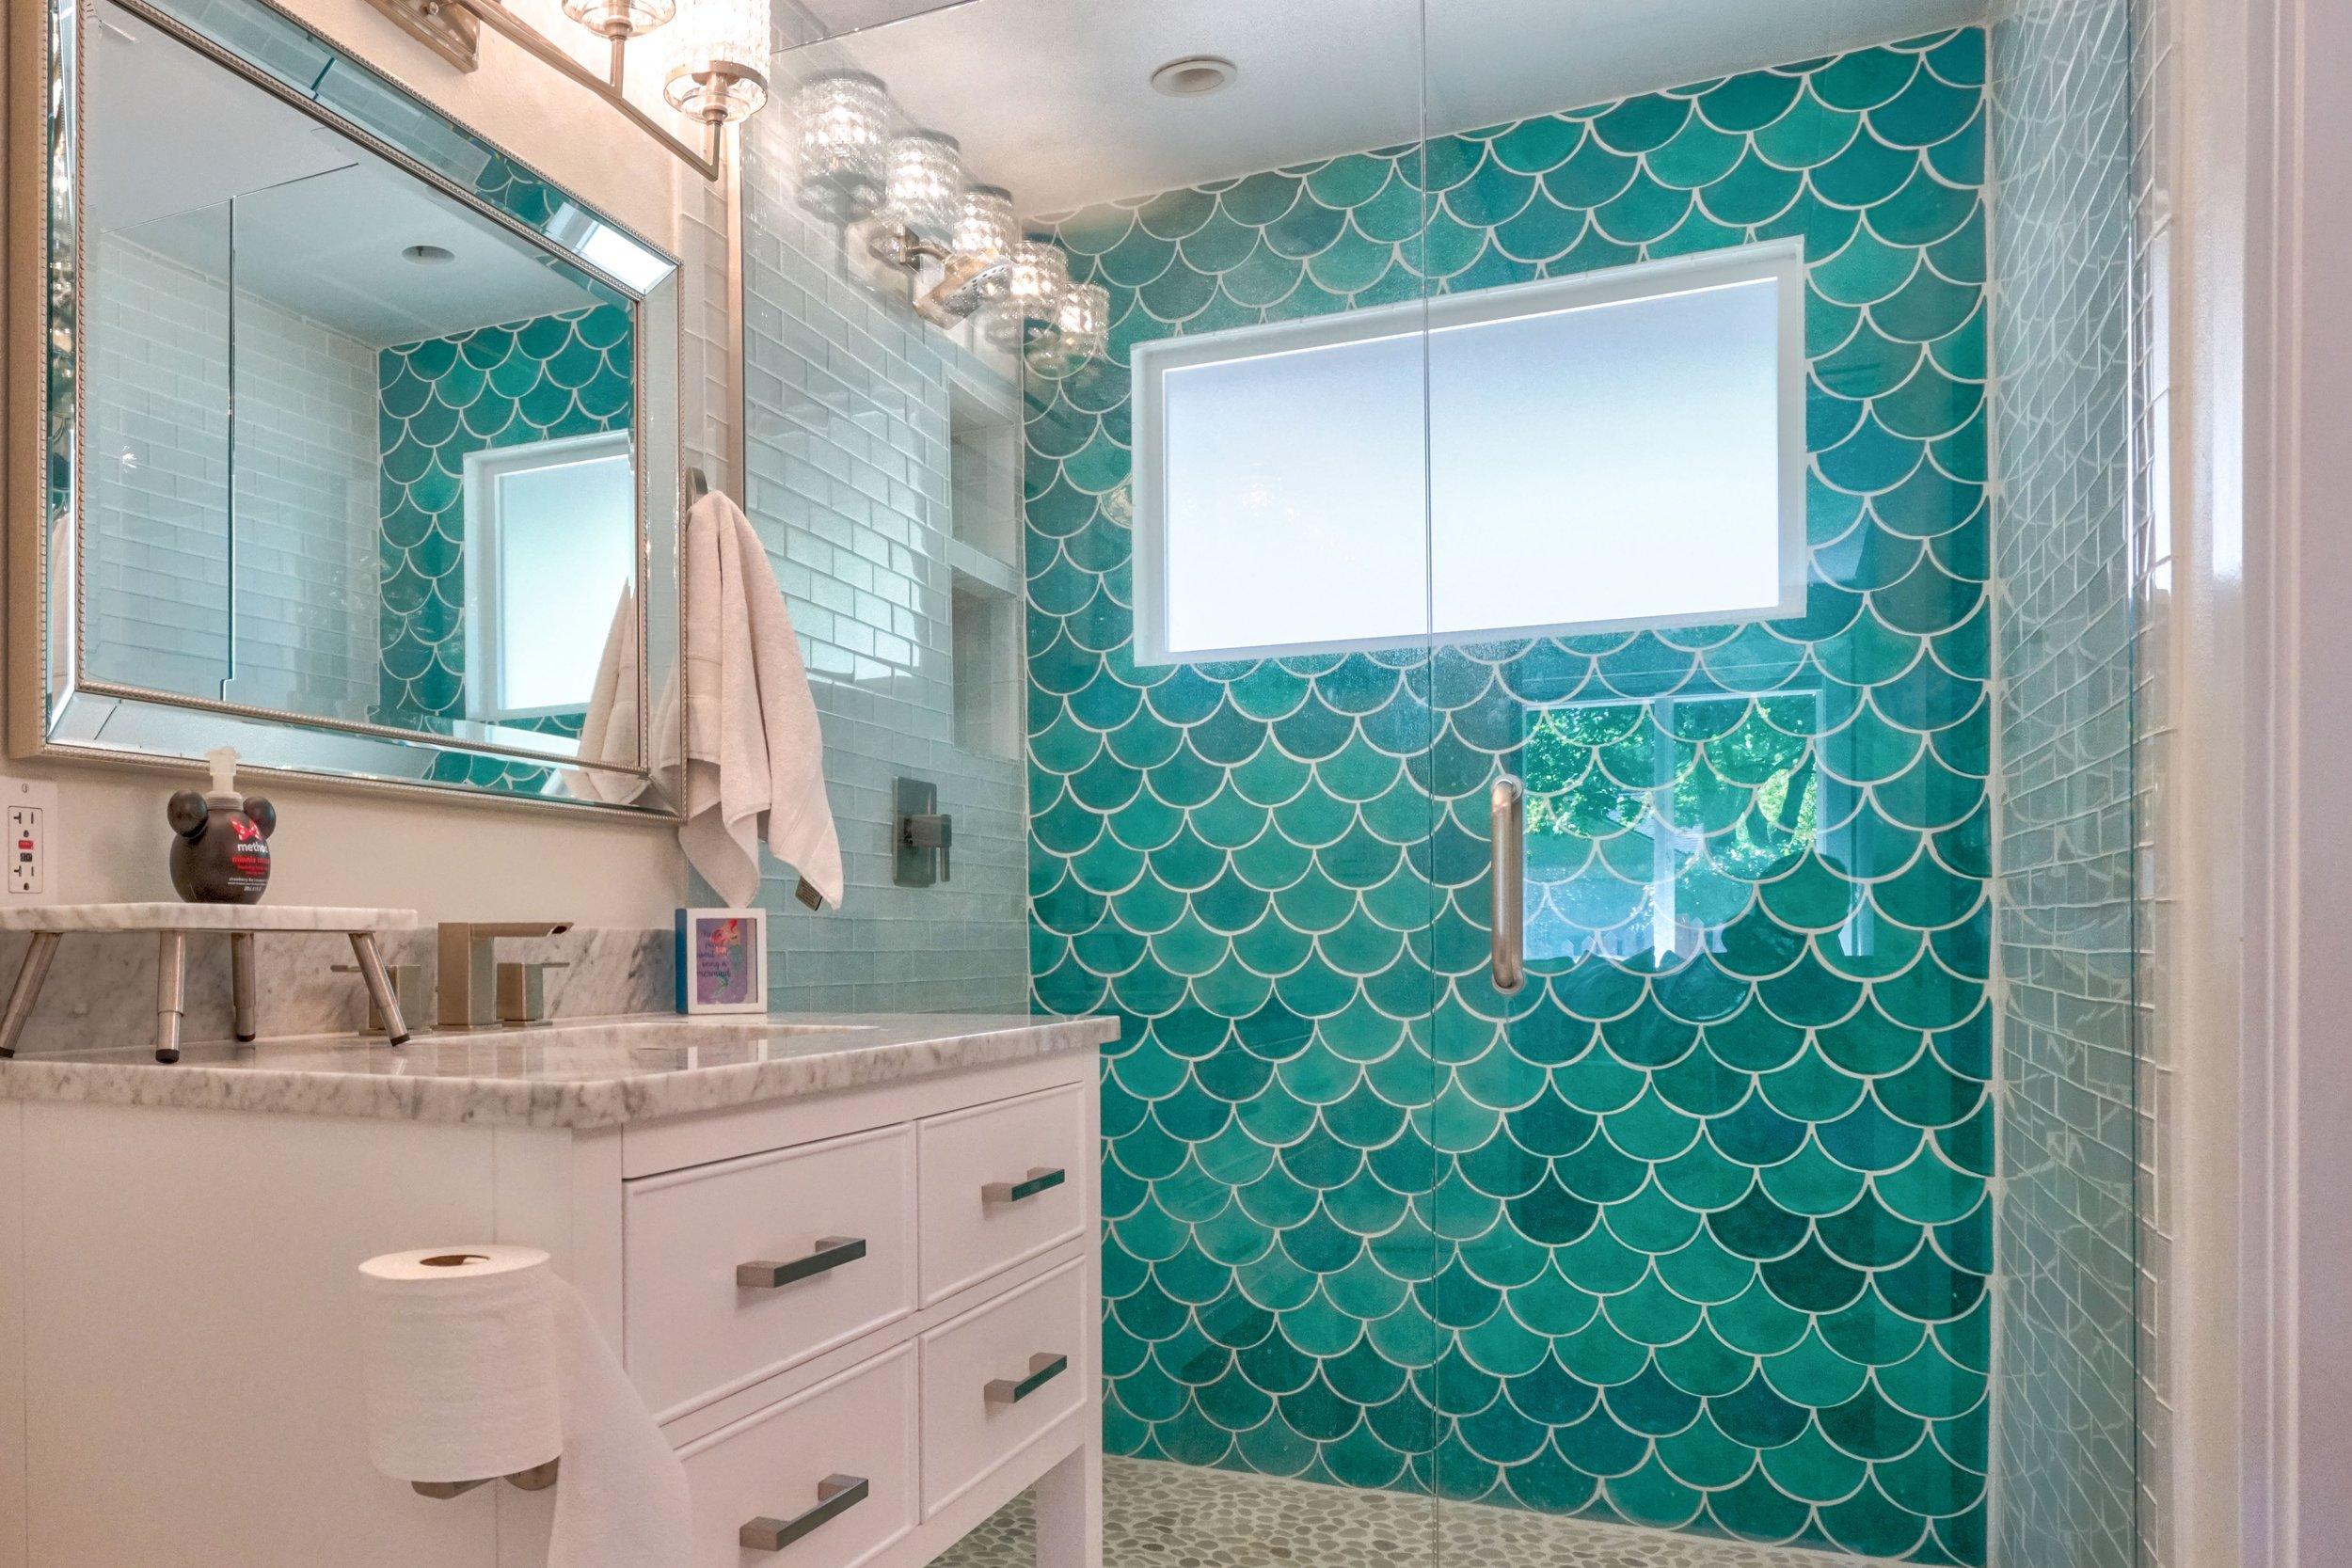 best-airbnb-portland-for-groups-mermaid-bathroom.jpg